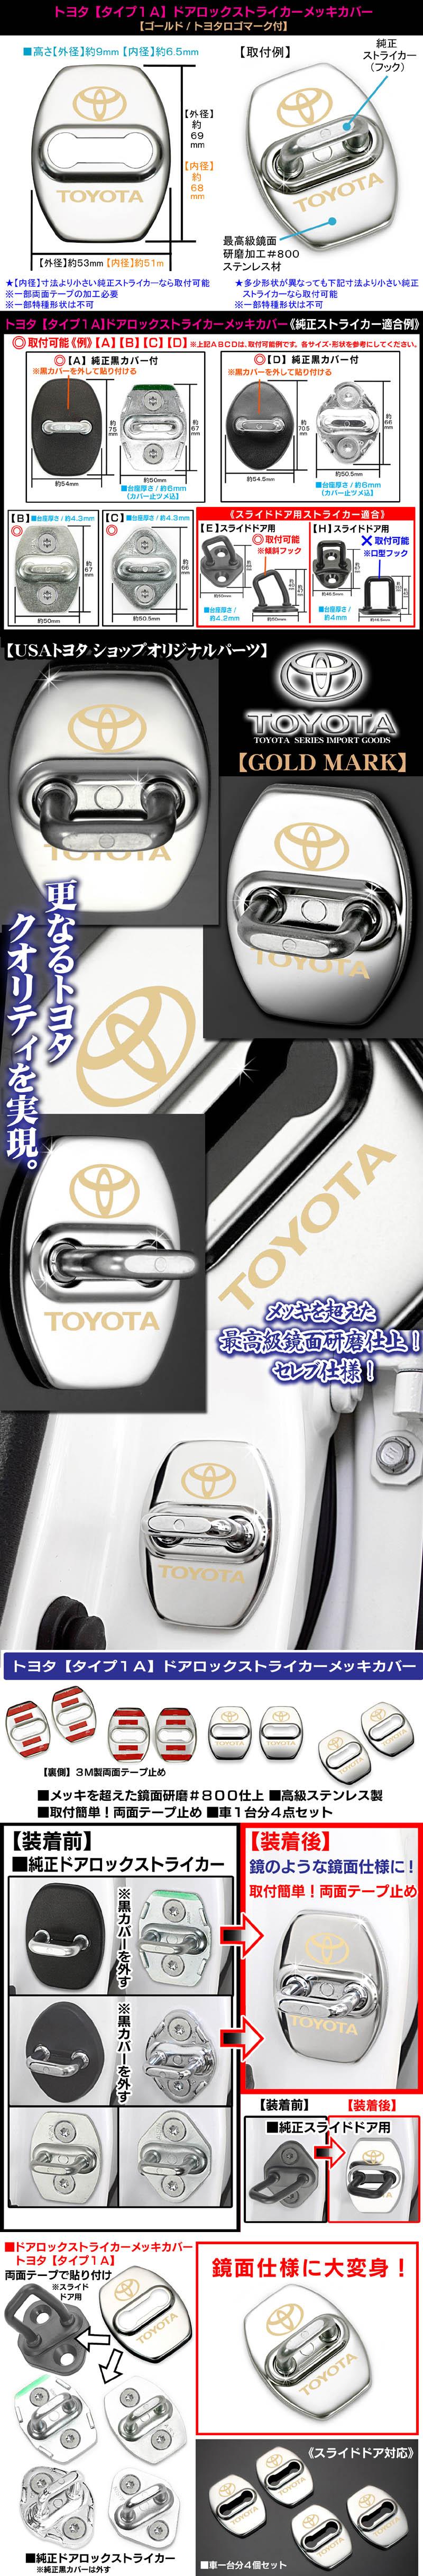 【タイプ1A】ゴールド/トヨタロゴマーク付《トヨタ/リア・スライドドア対応》ドアロック ストライカー メッキカバー【4点セット】ブラガ